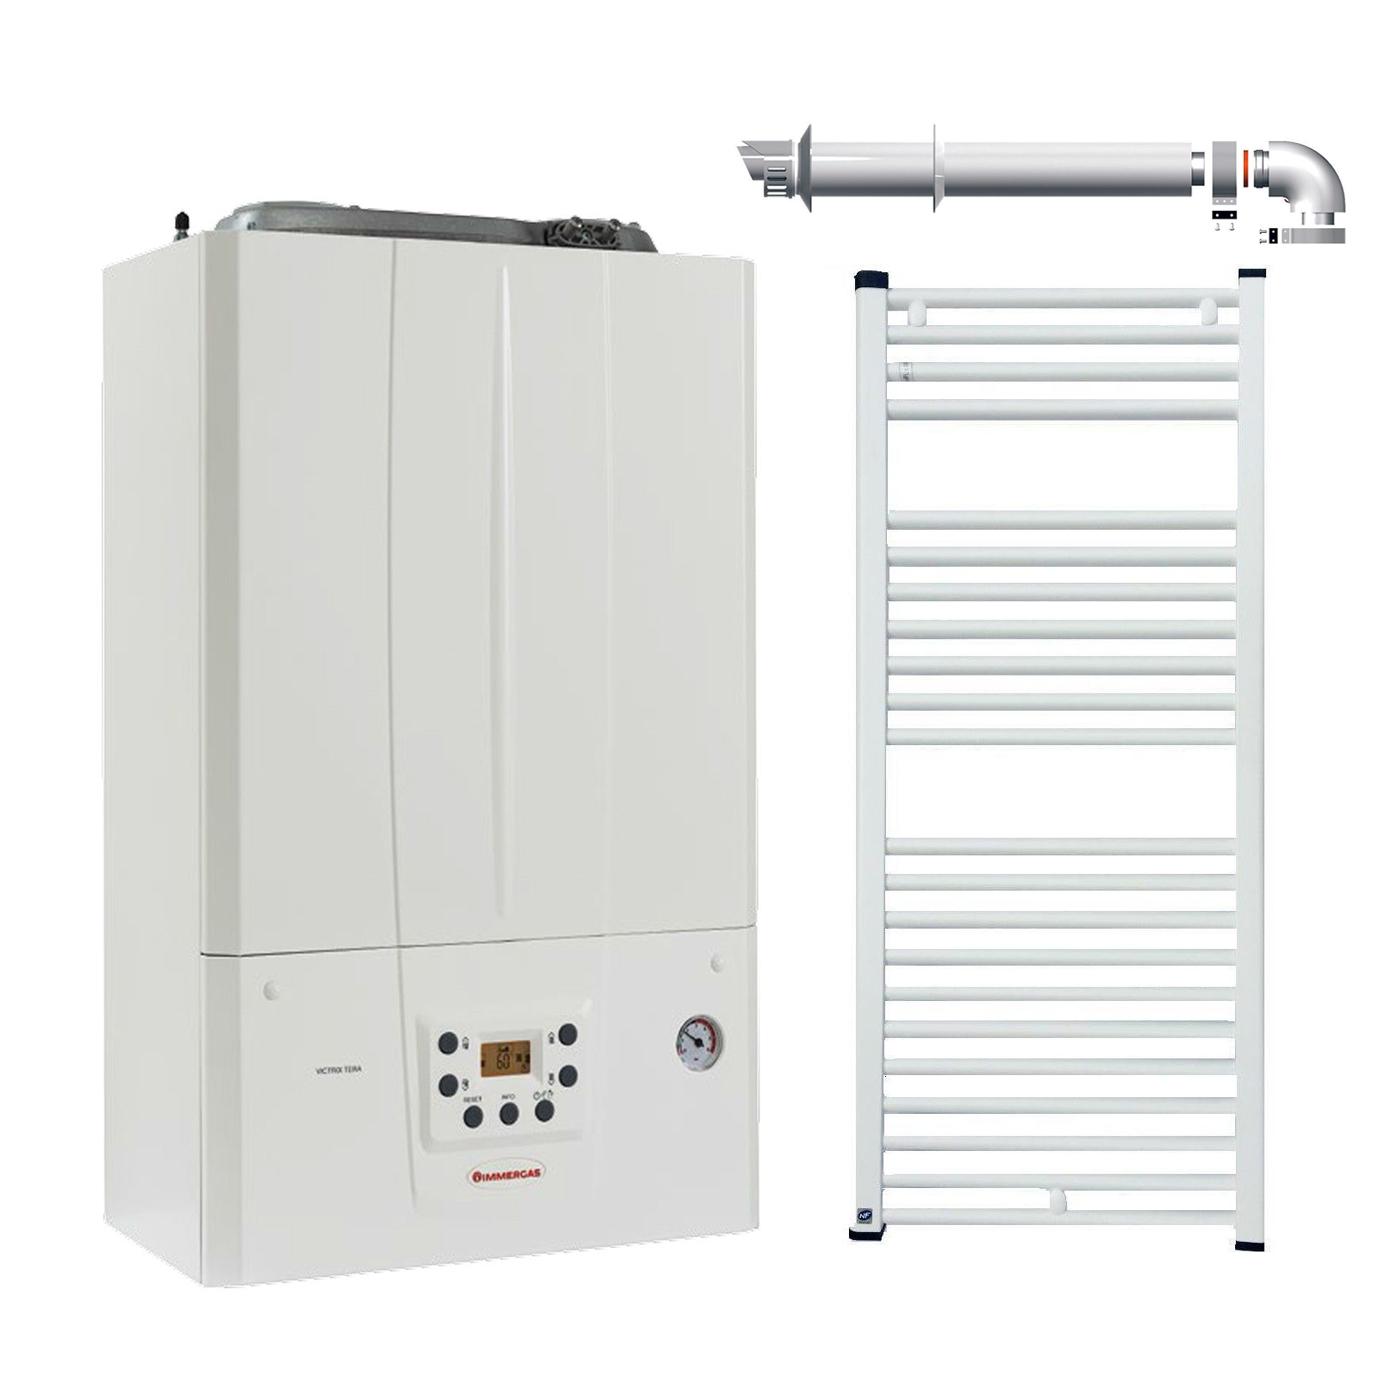 Pachet Centrala termica in condensare Immergas Victrix TERA 24, kit evacuare si radiator baie Fornello 500x800 imagine fornello.ro